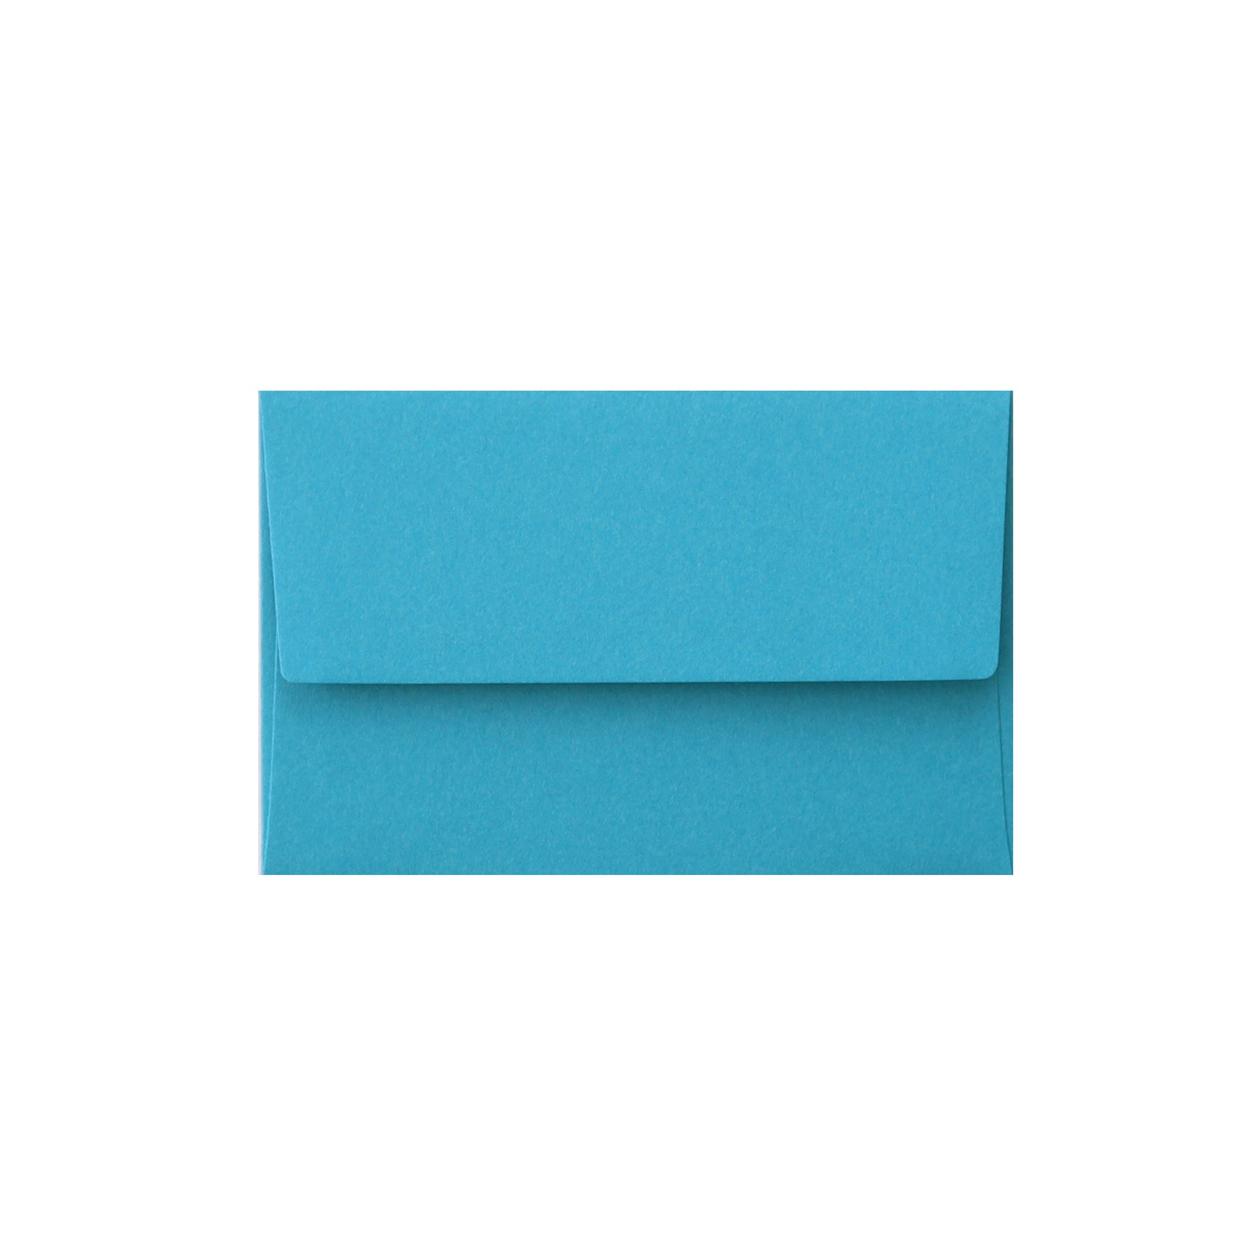 NEカマス封筒 コットン(NTラシャ) るり 116.3g